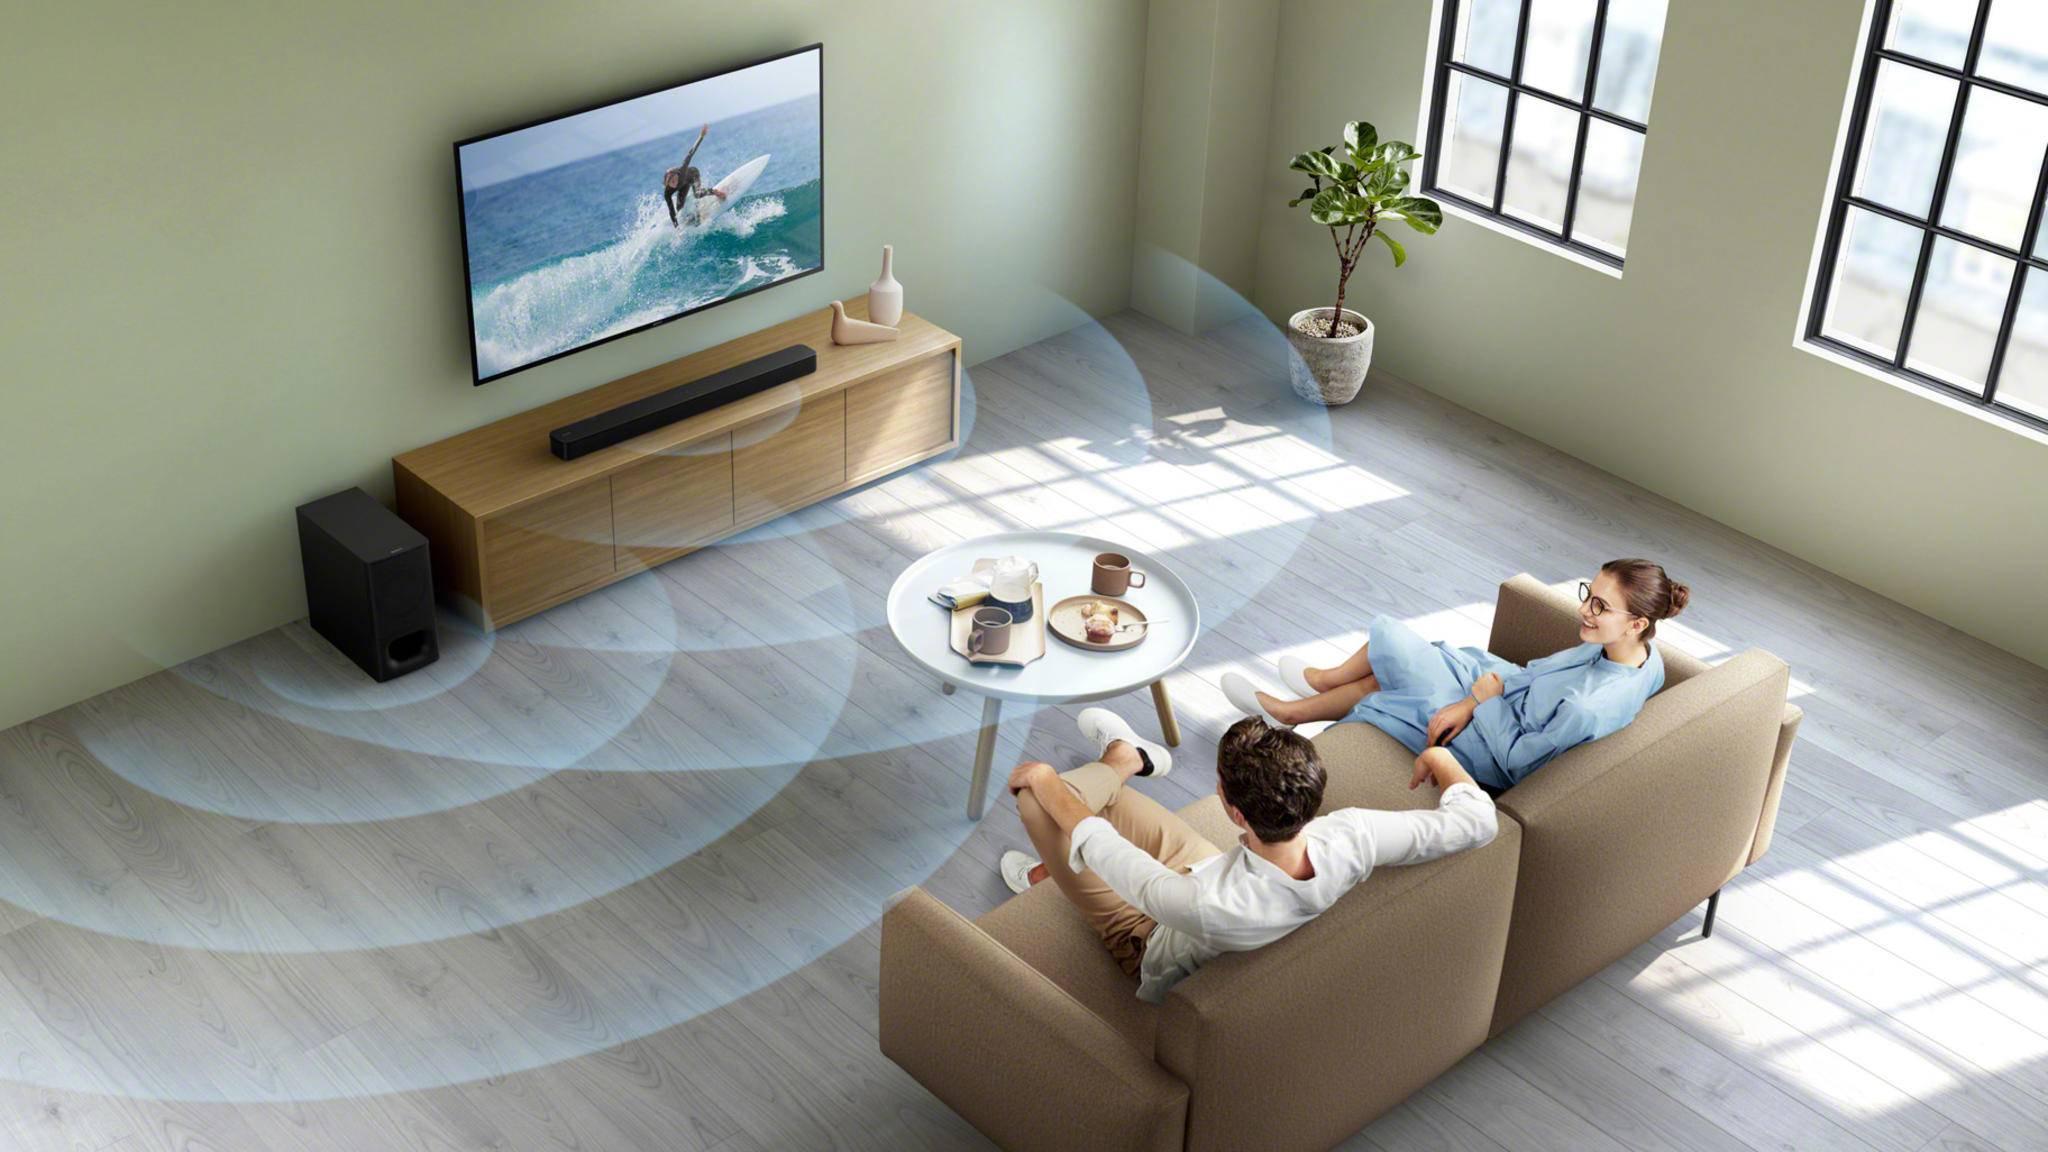 Dolby-Atmos-Soundbar: Diese 5 Geräte liefern satten 3D-Sound